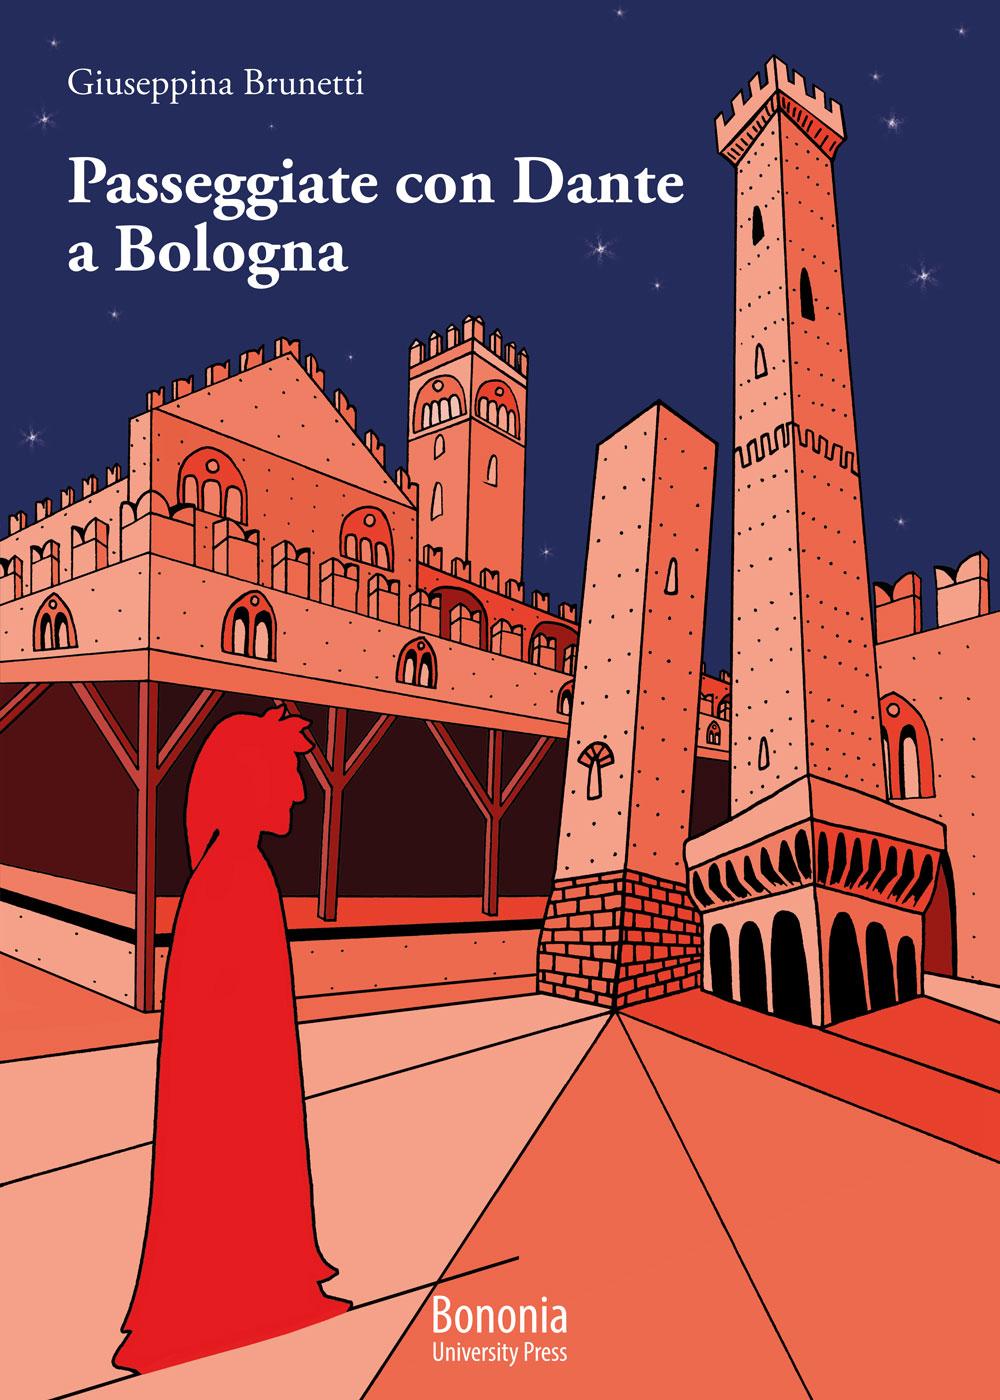 Passeggiate con Dante a Bologna - Bononia University Press